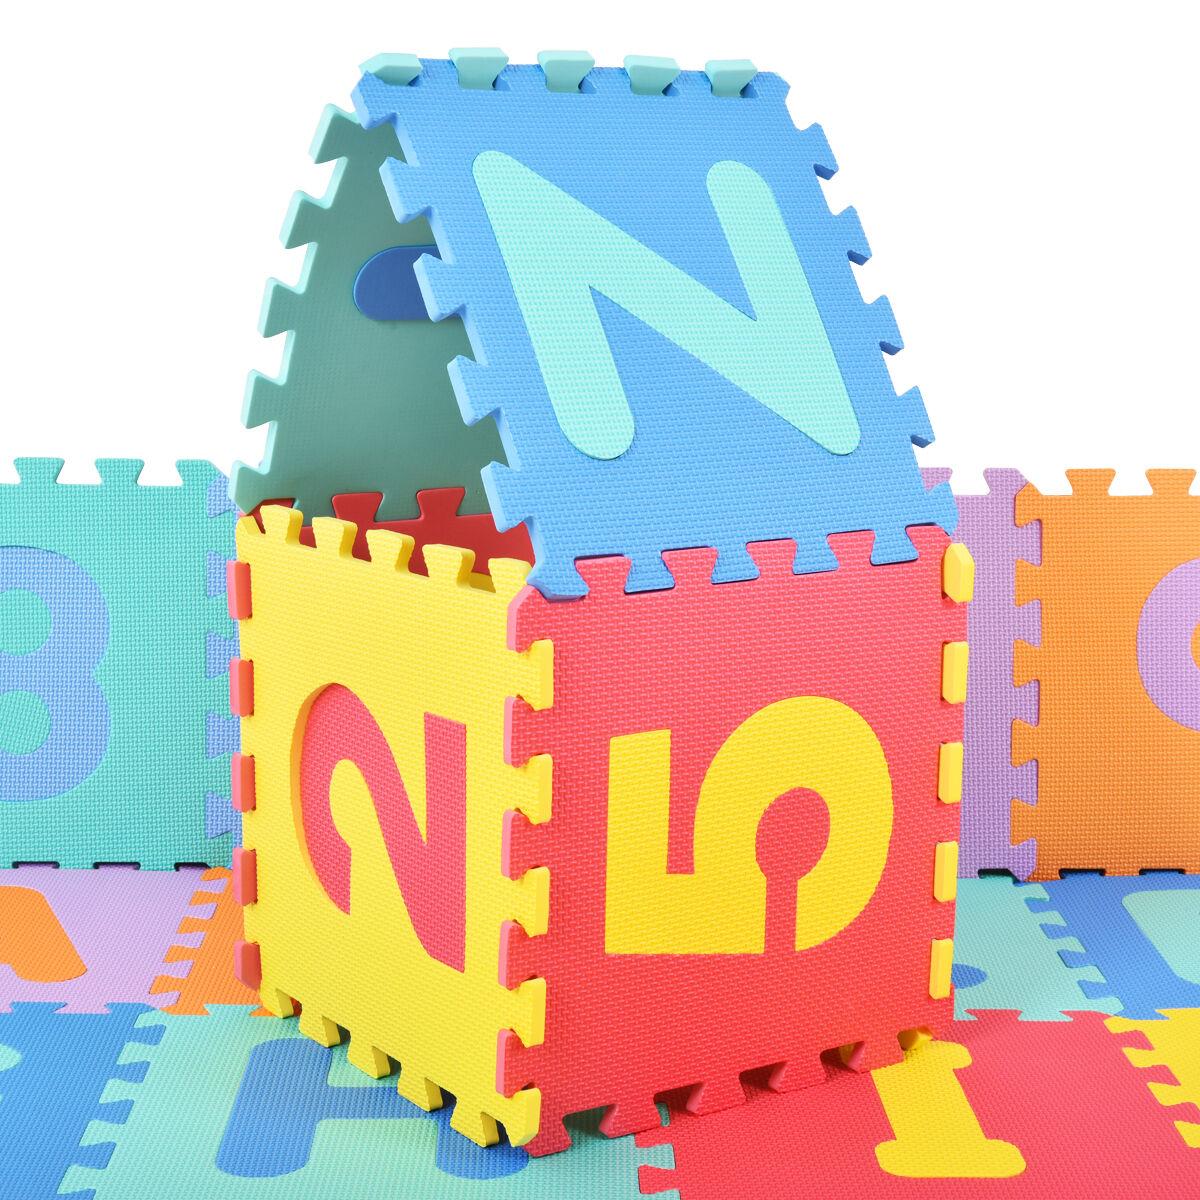 Costway 36 pcs mousse de matelas tapis enfants tapis de jeu de tapis de puzzle tapis de jeu tapis de tapis de sol